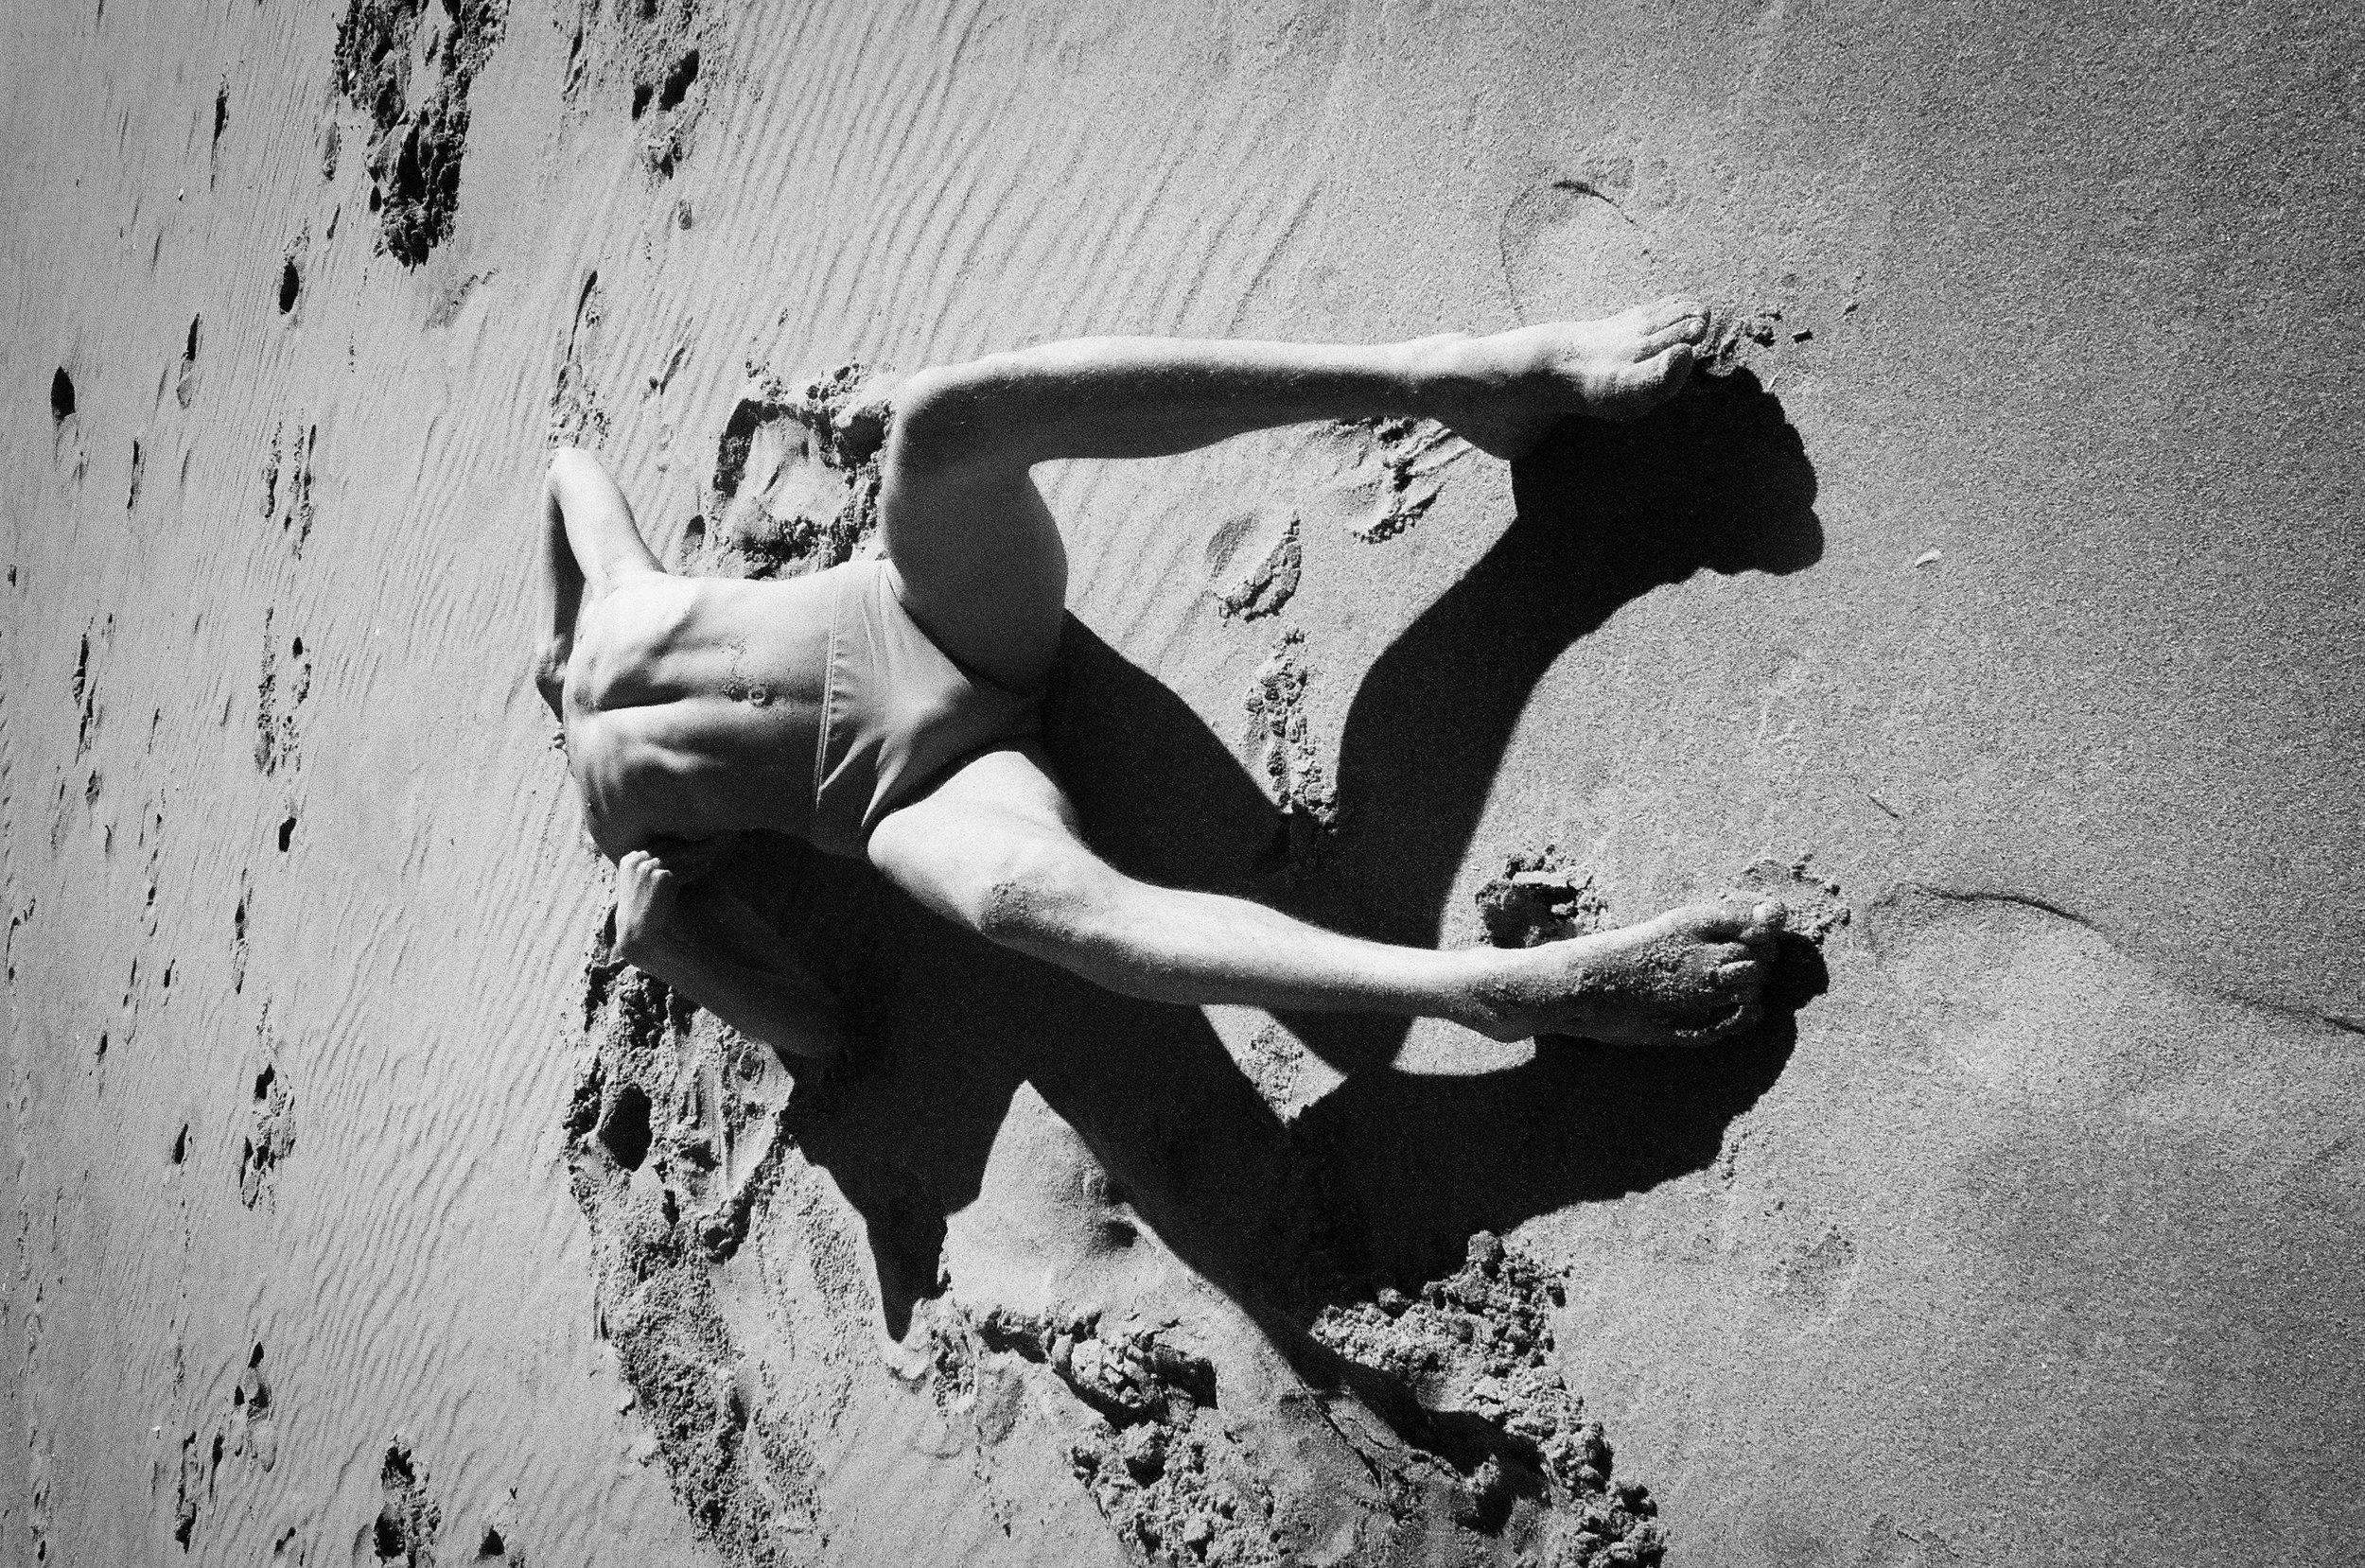 Jon naked - 35mm.jpg